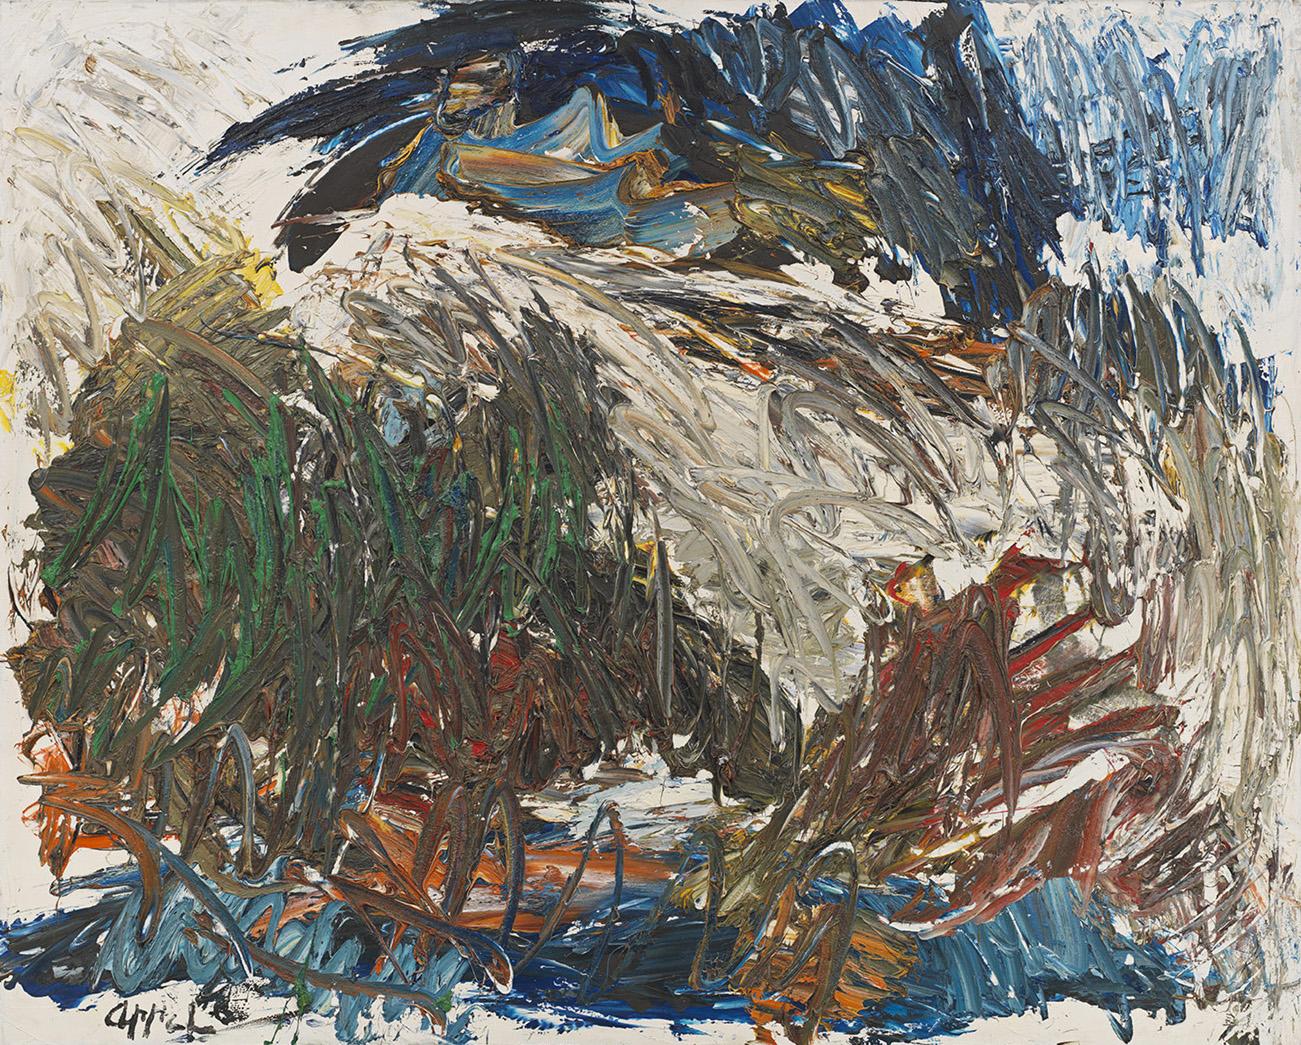 Karel Appel, Between Mud and Heaven (1962)